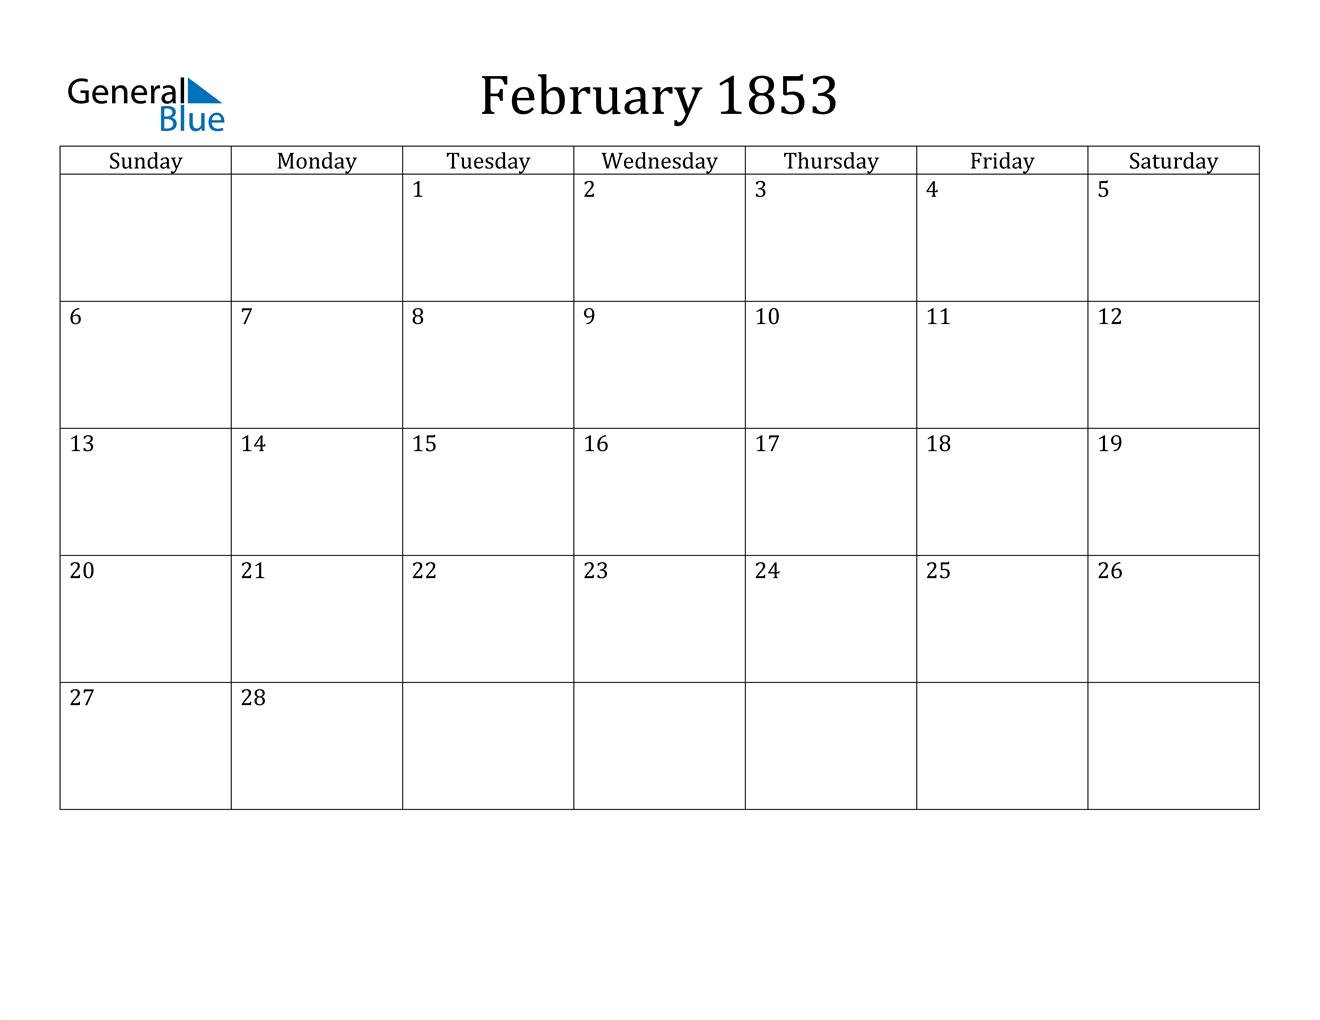 Image of February 1853 Calendar